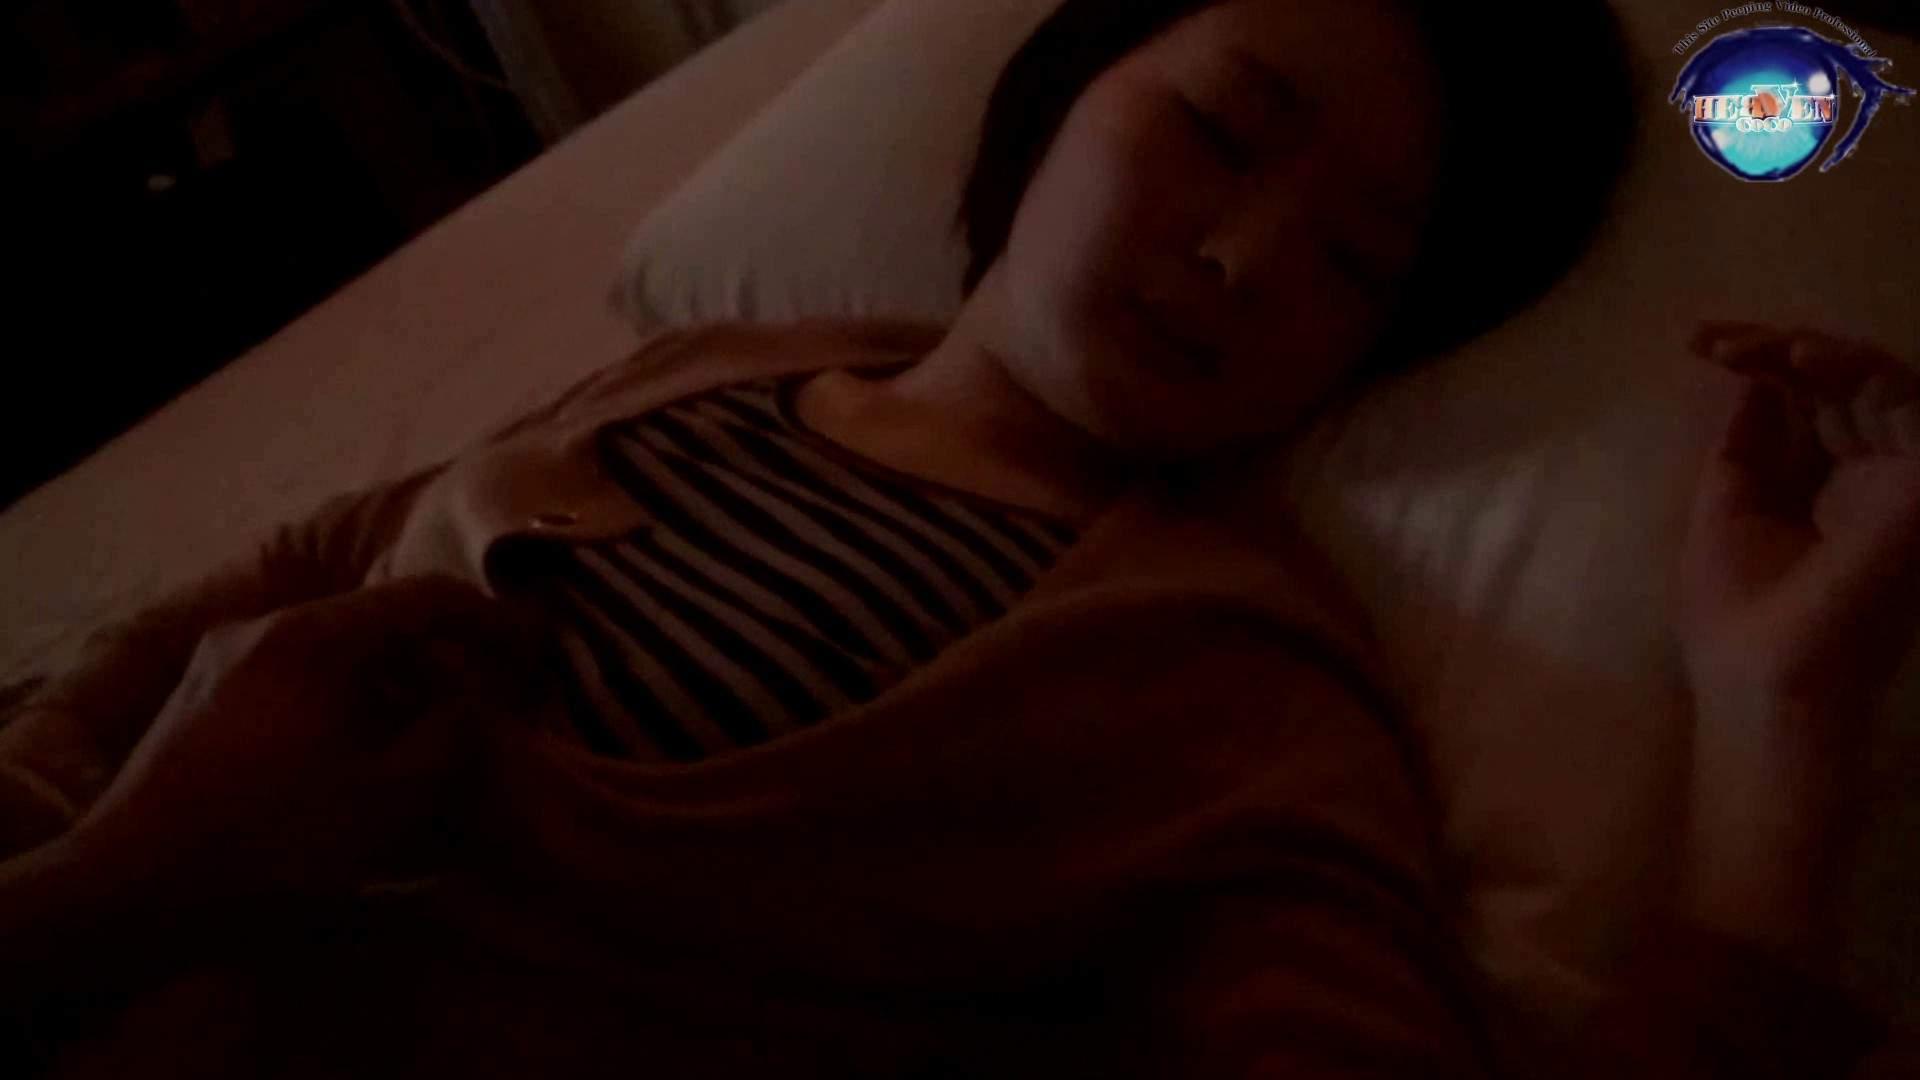 睡魔 シュウライ 第参壱話 前半 女子大生のエロ動画  94PIX 52